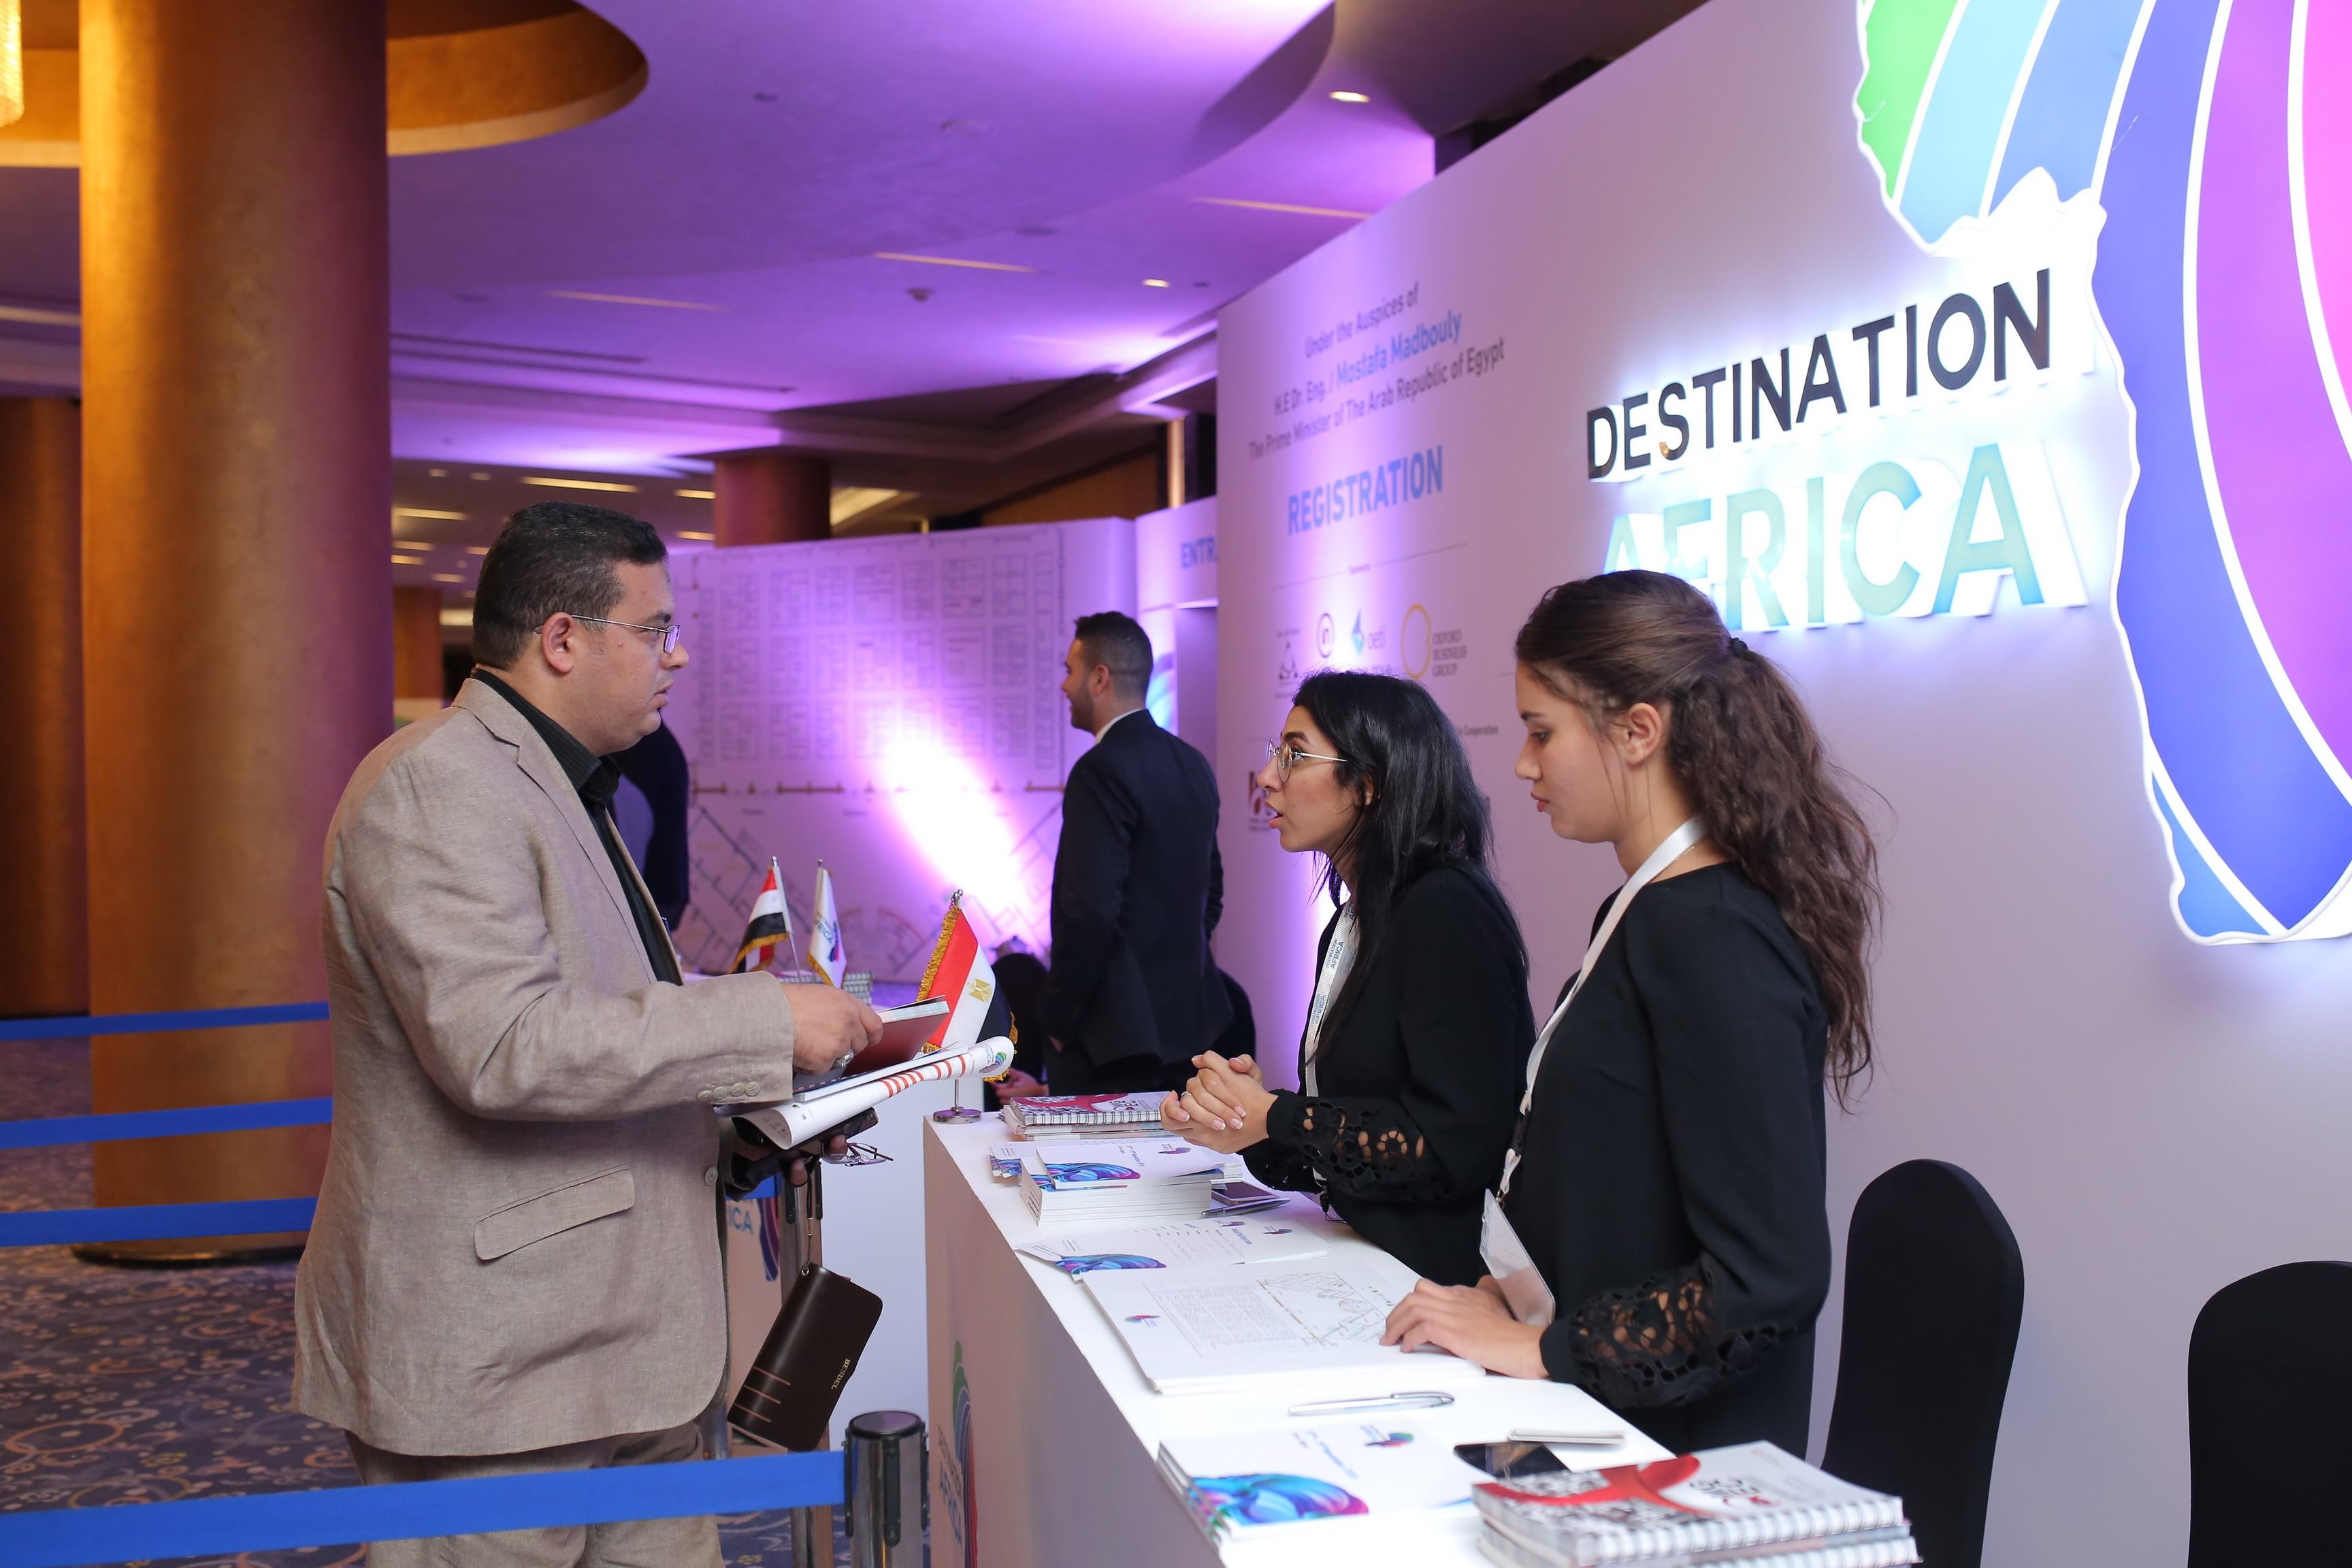 انطلاق فعاليات الدورة الرابعة للمعرض الدولي ديستنشن أفريقا السبت المقبل